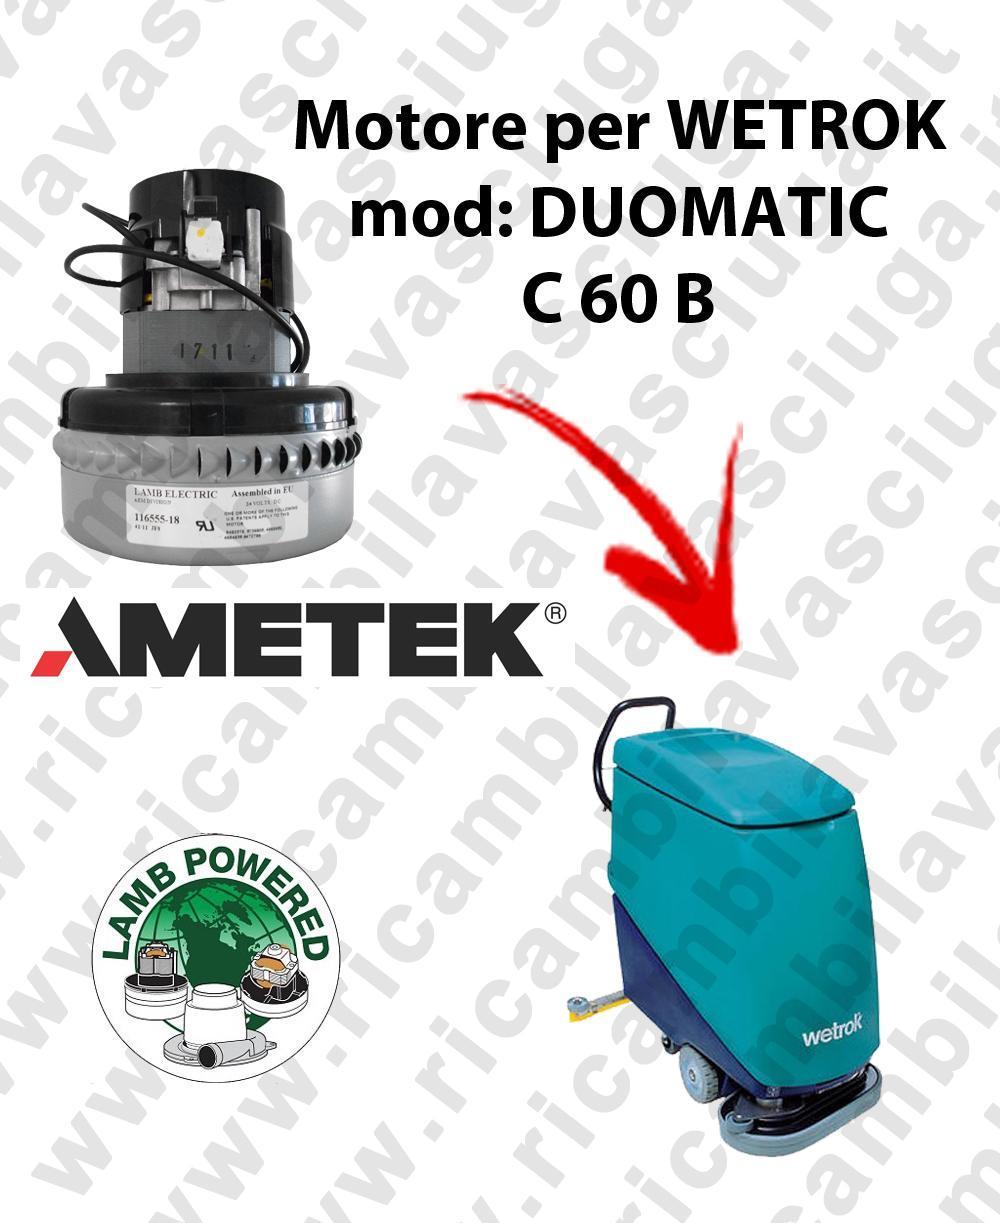 DUOMATIC C 60 B Saugmotor LAMB AMETEK für scheuersaugmaschinen WETROK